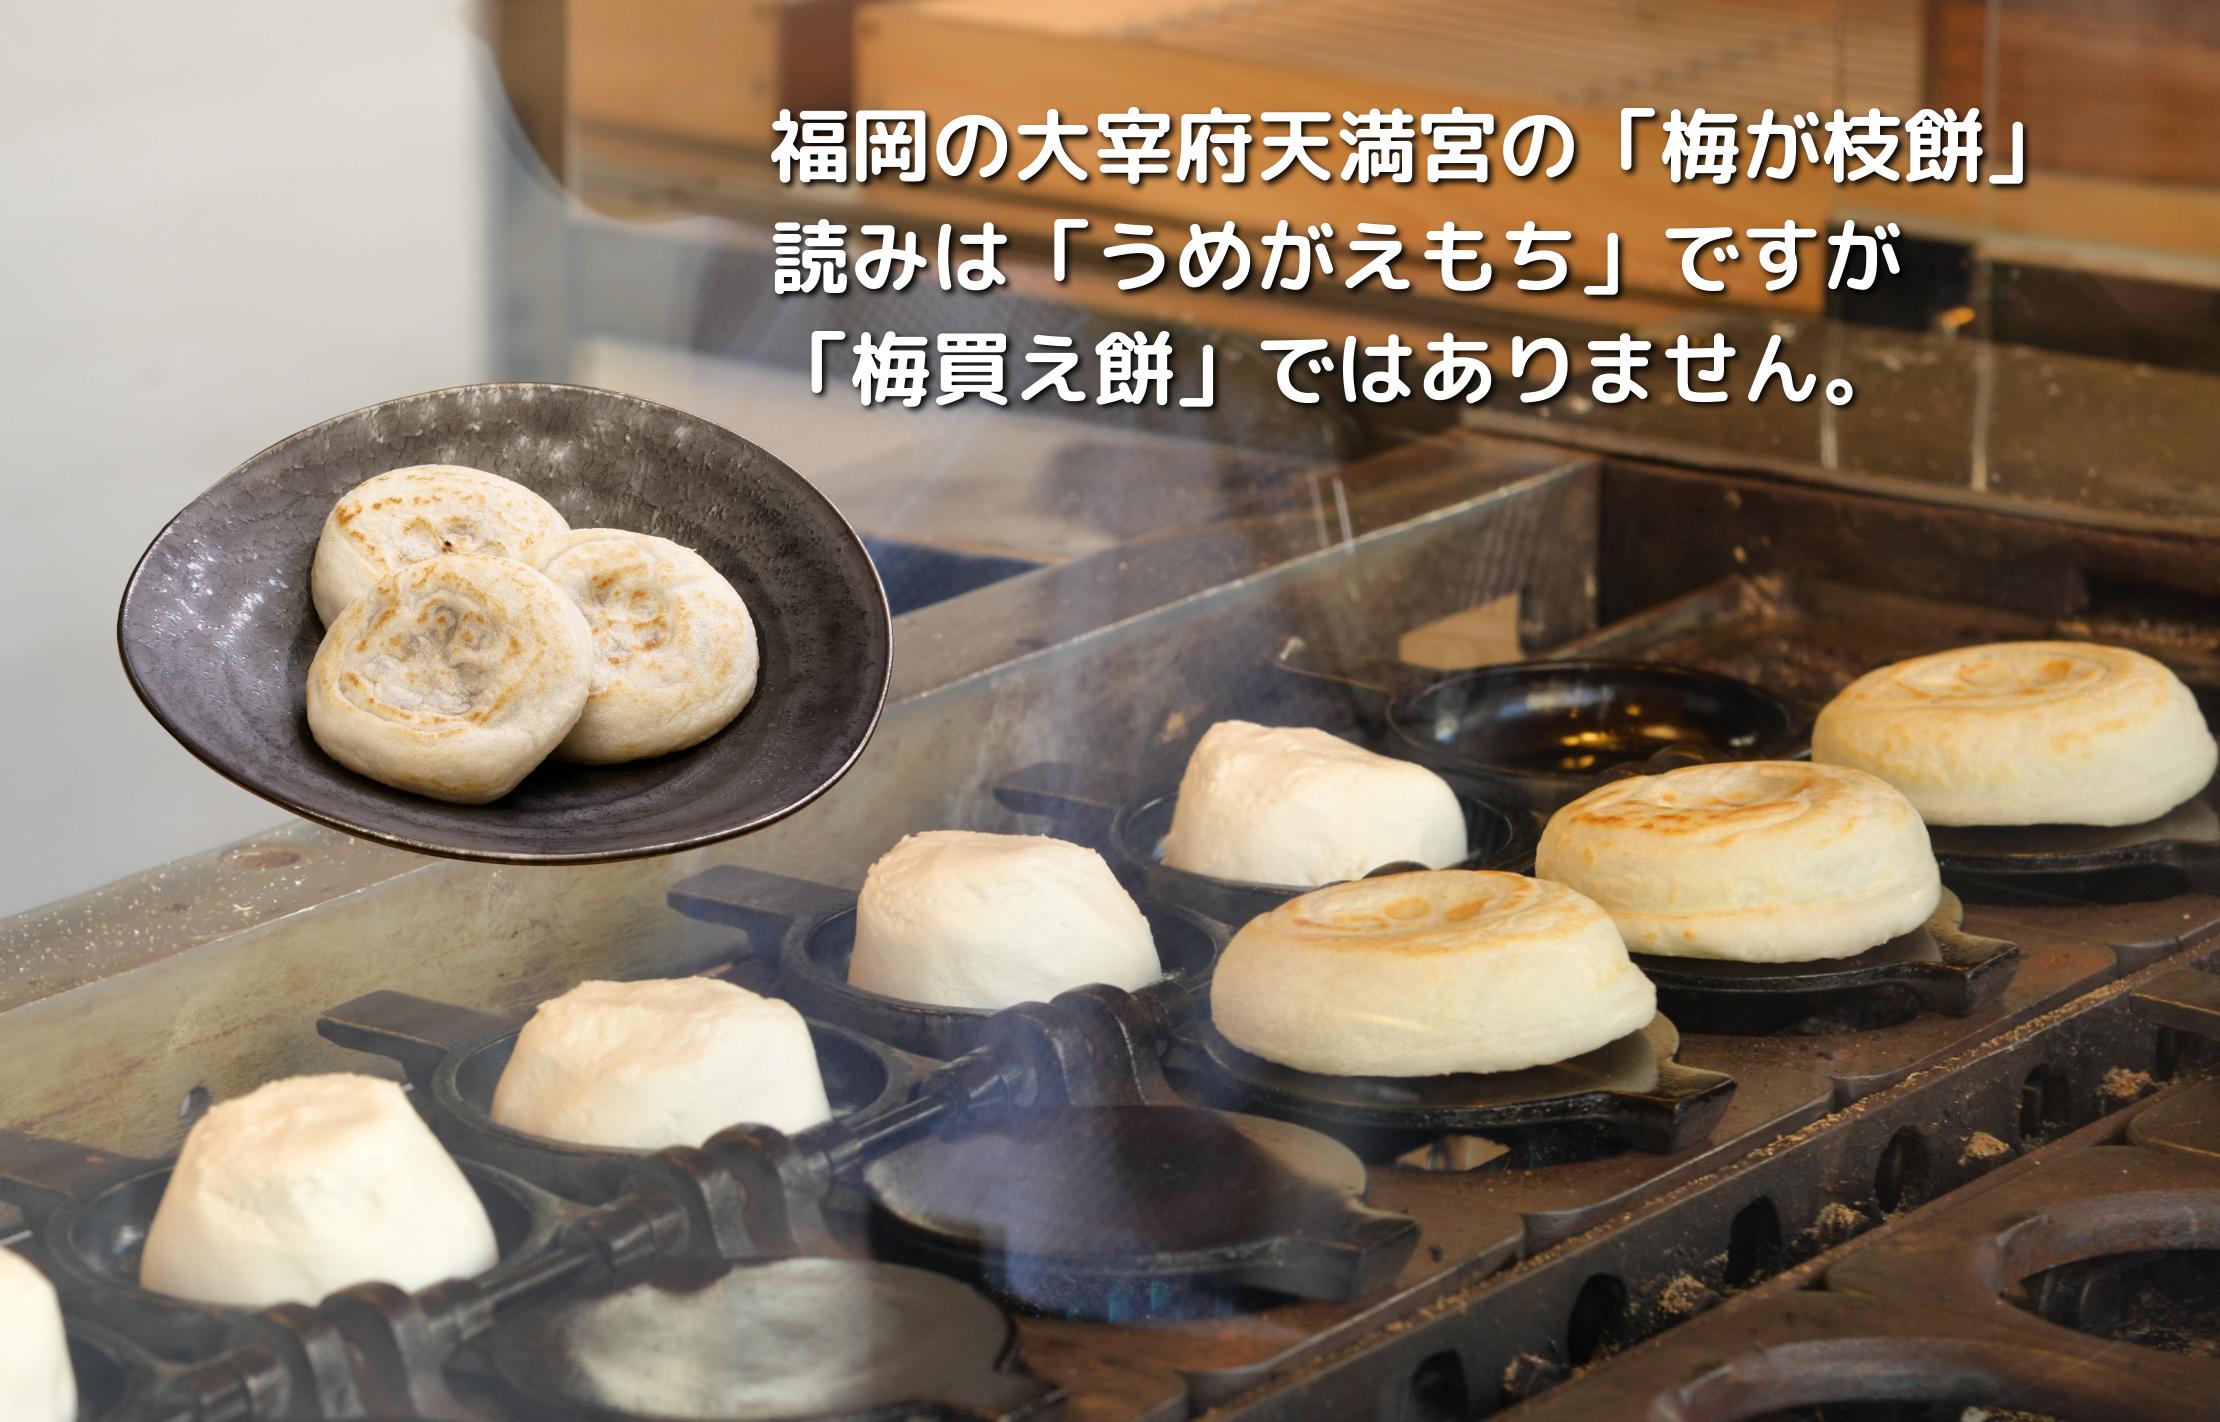 福岡の太宰府天満宮の「梅が枝餅」読みは「うめがえもち」ですが「梅買え餅」ではありません。